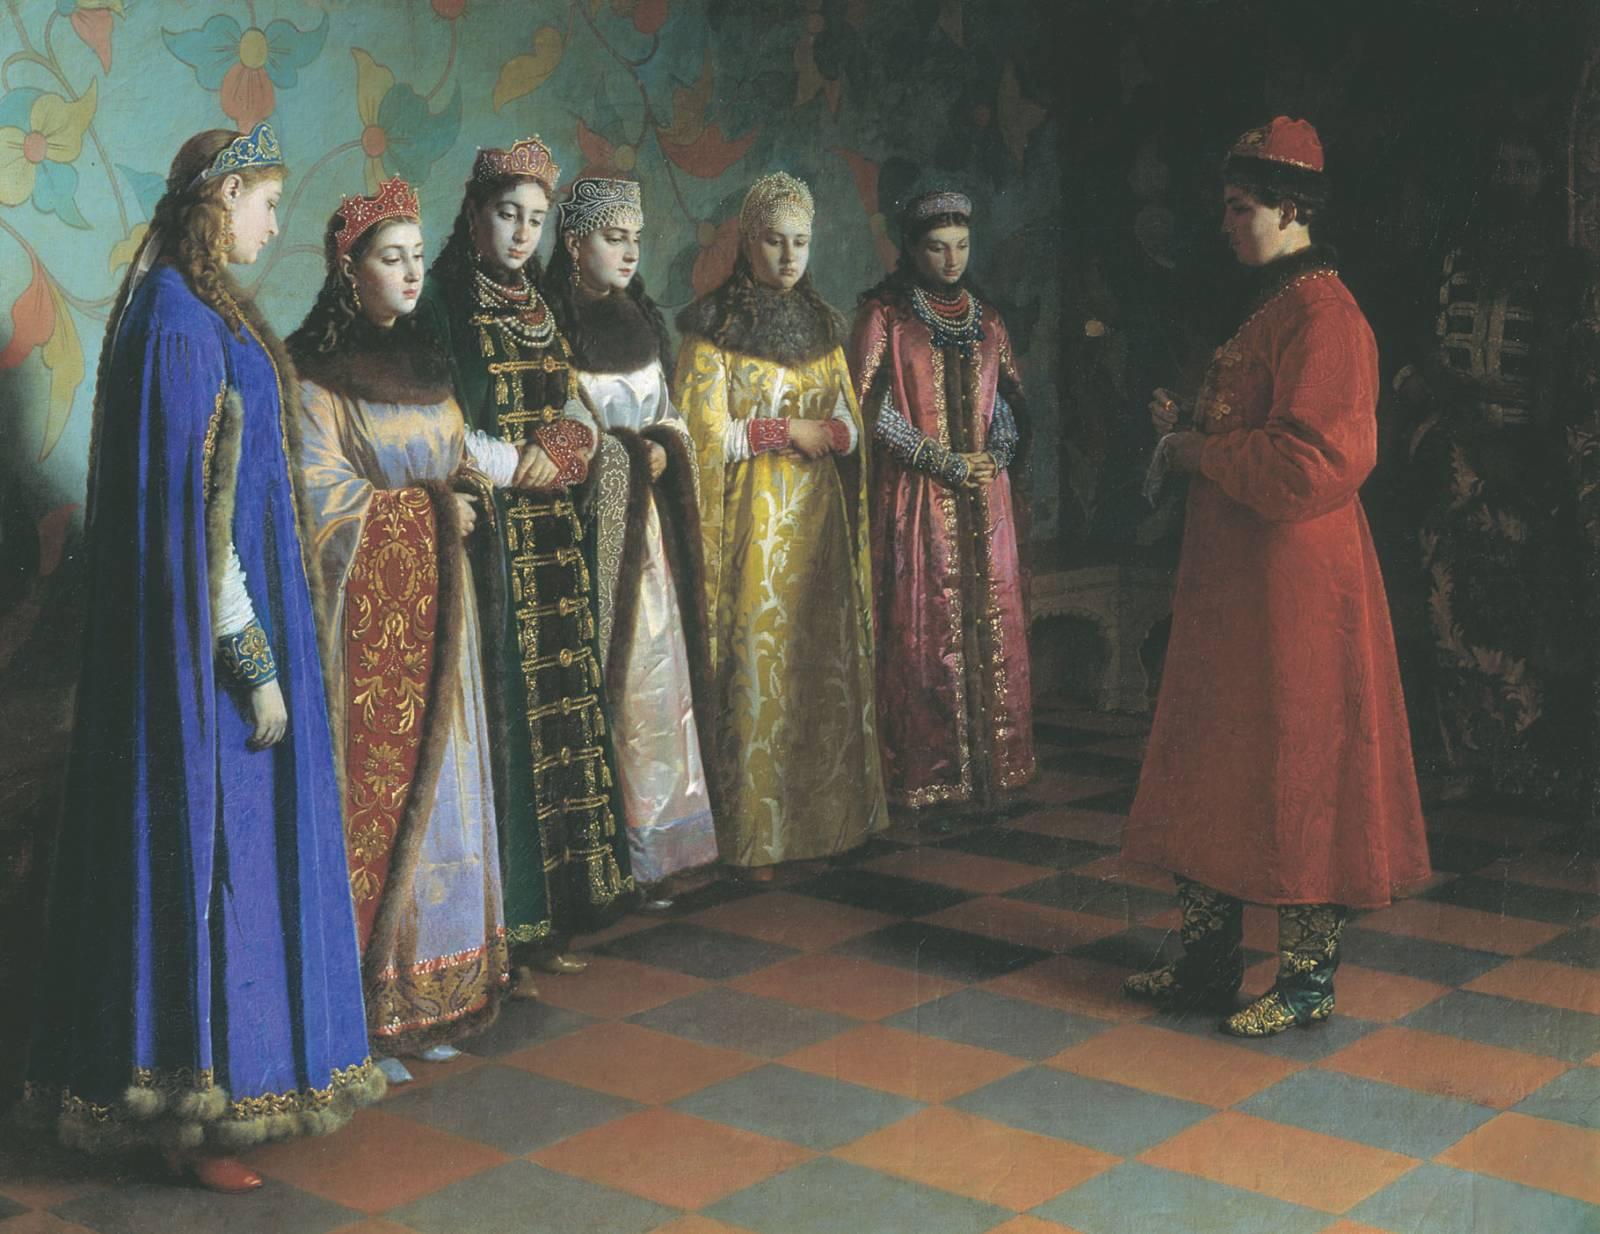 1 февраля 1671 года - свадьба царя Алексея Михайловича (Тишайшего) с Натальей Нарышкиной